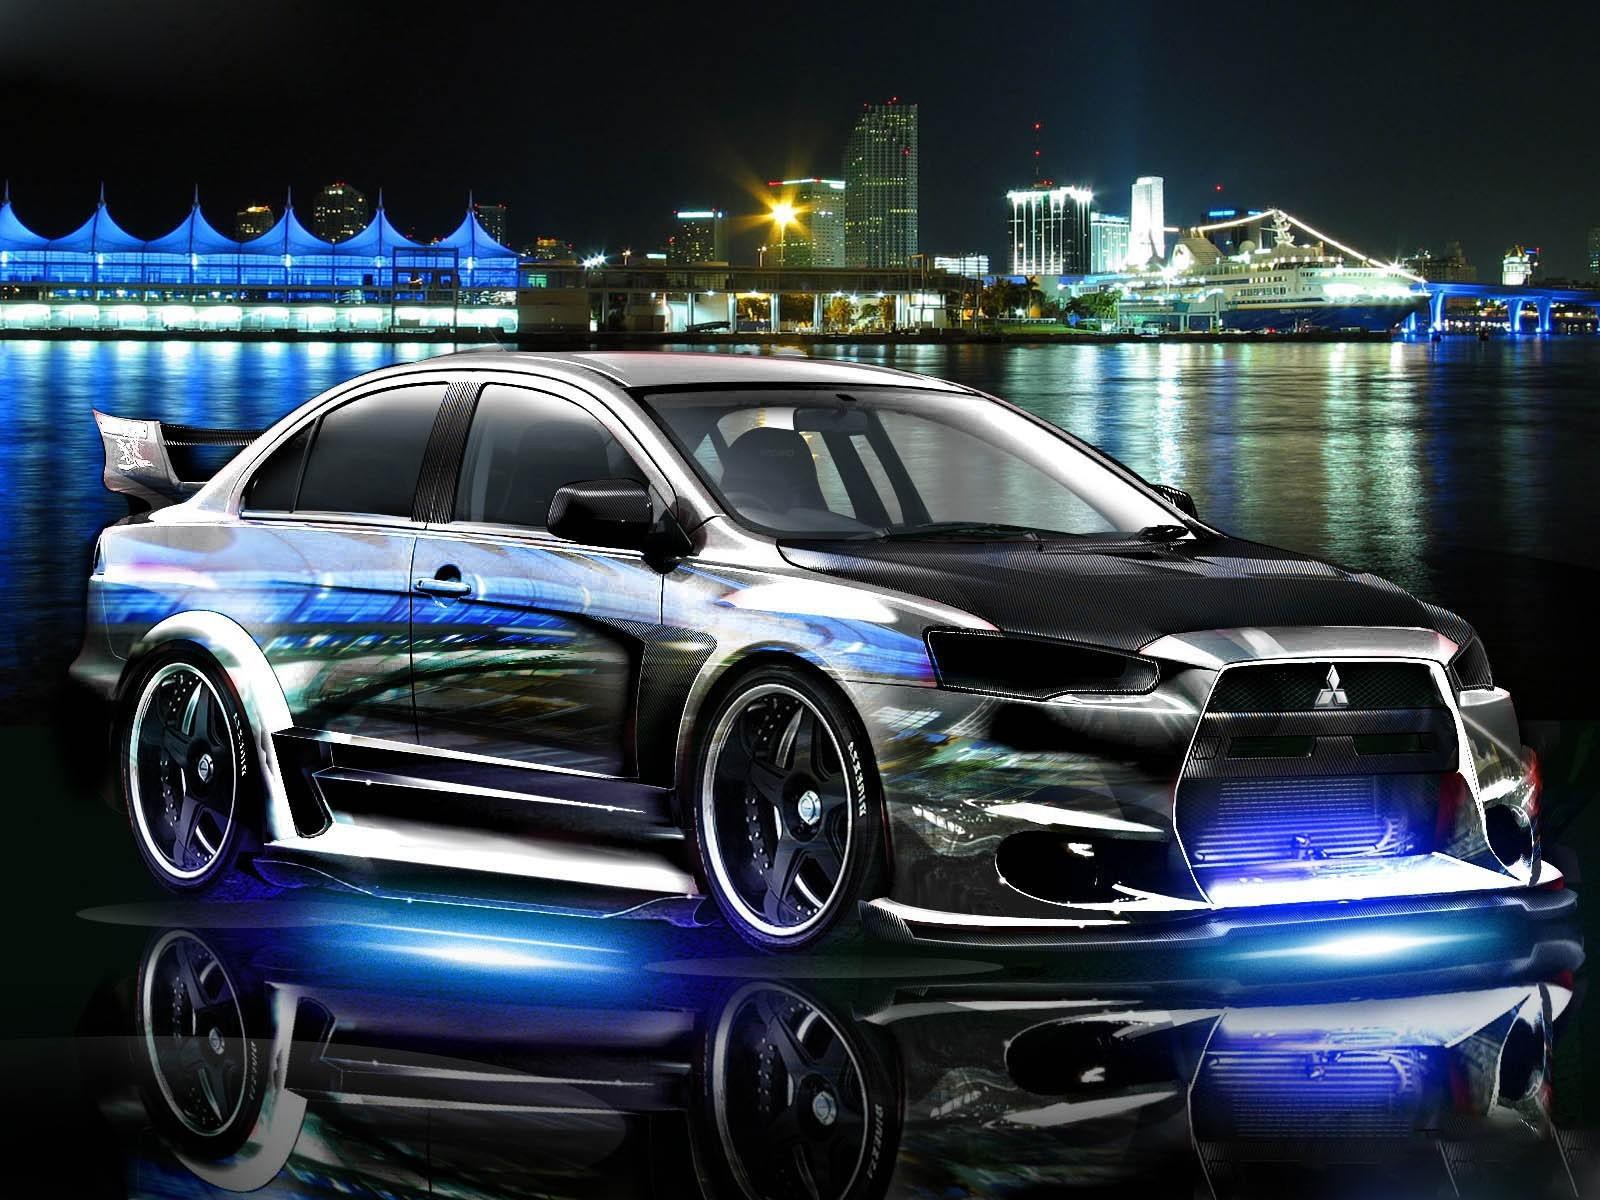 7300 Download Gambar Mobil Sedan Gratis Terbaik